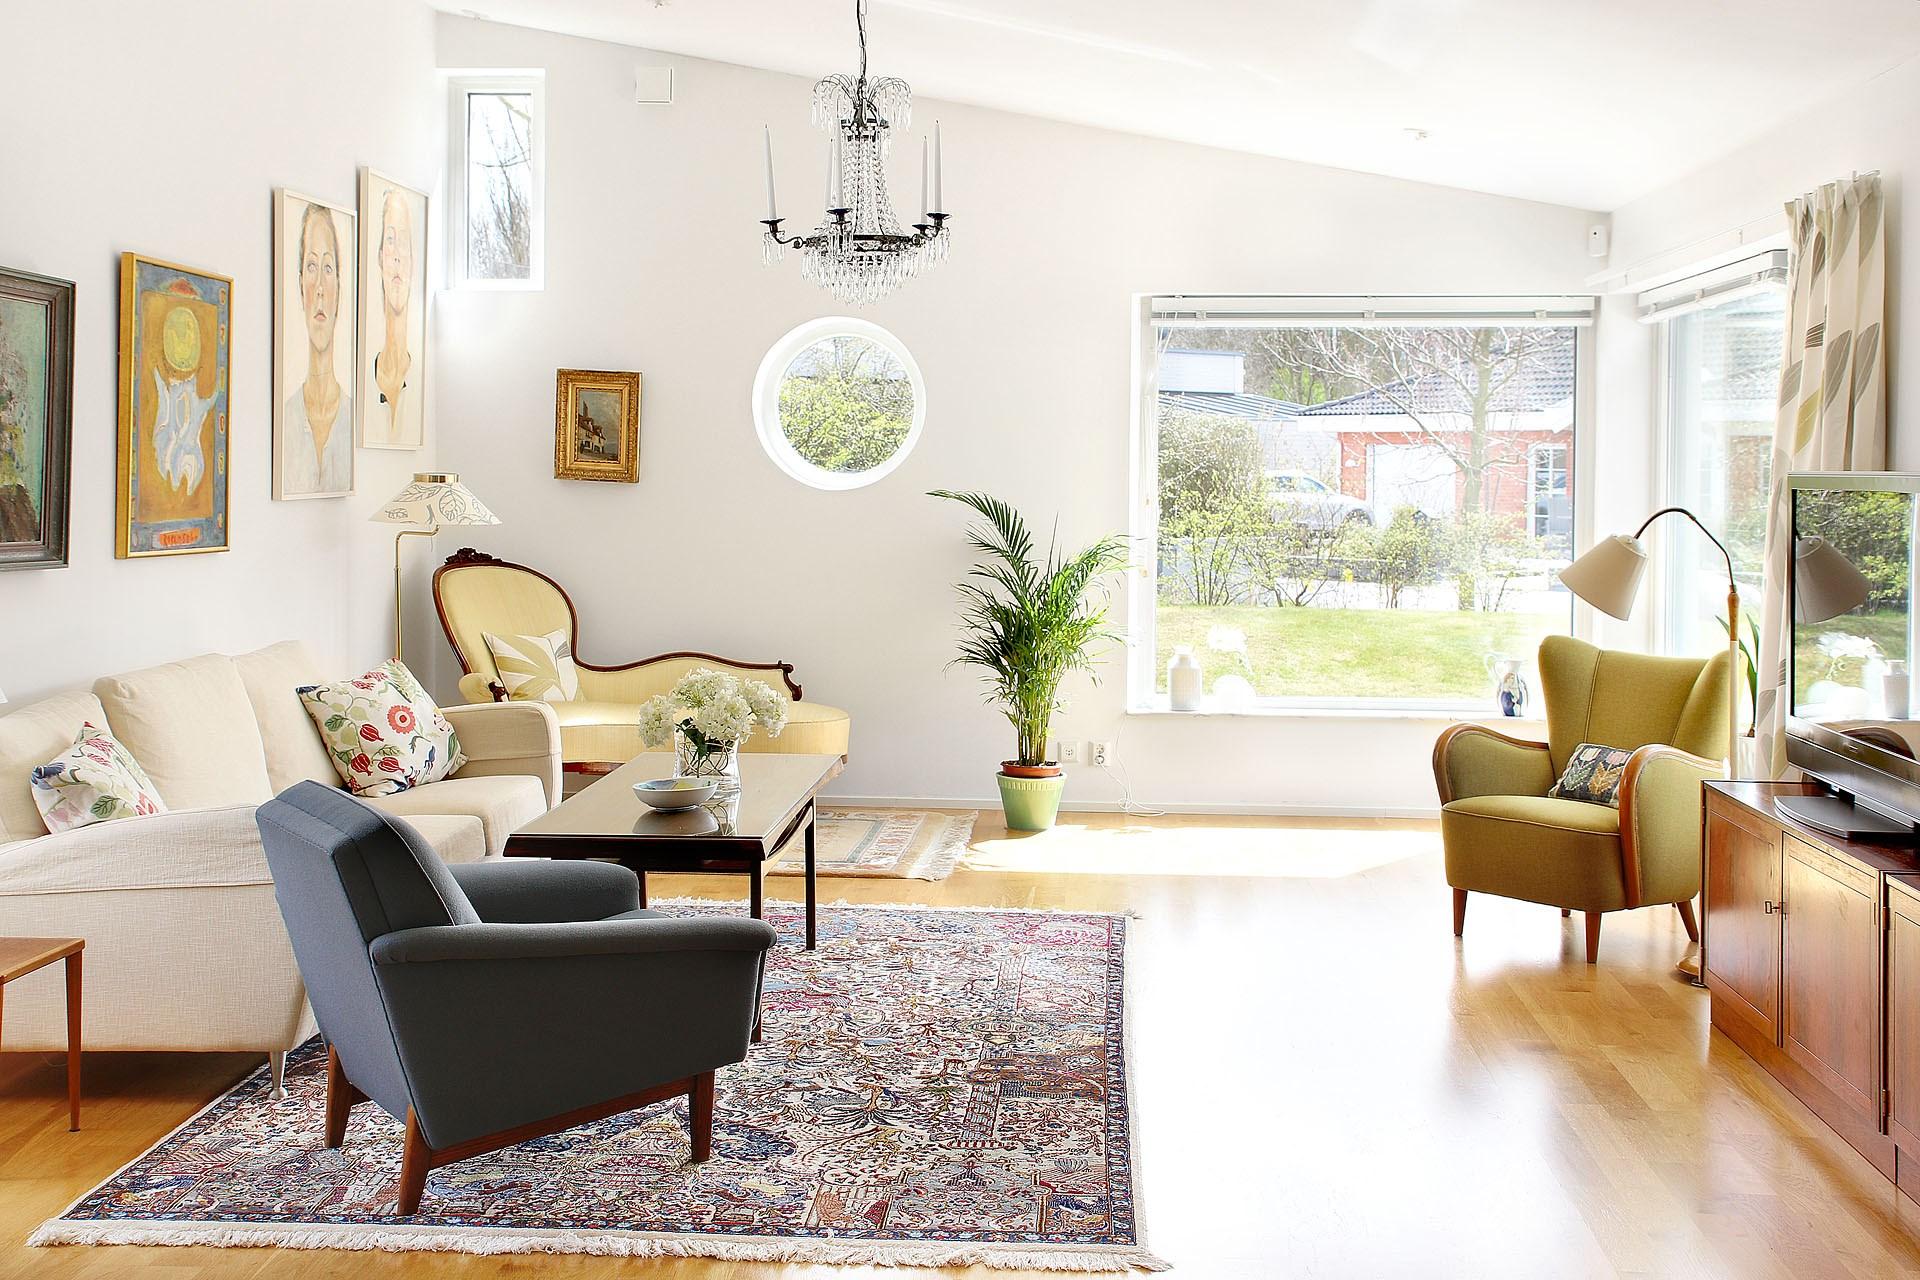 Vardagsrum med pulpettak och varierad fönstersättning